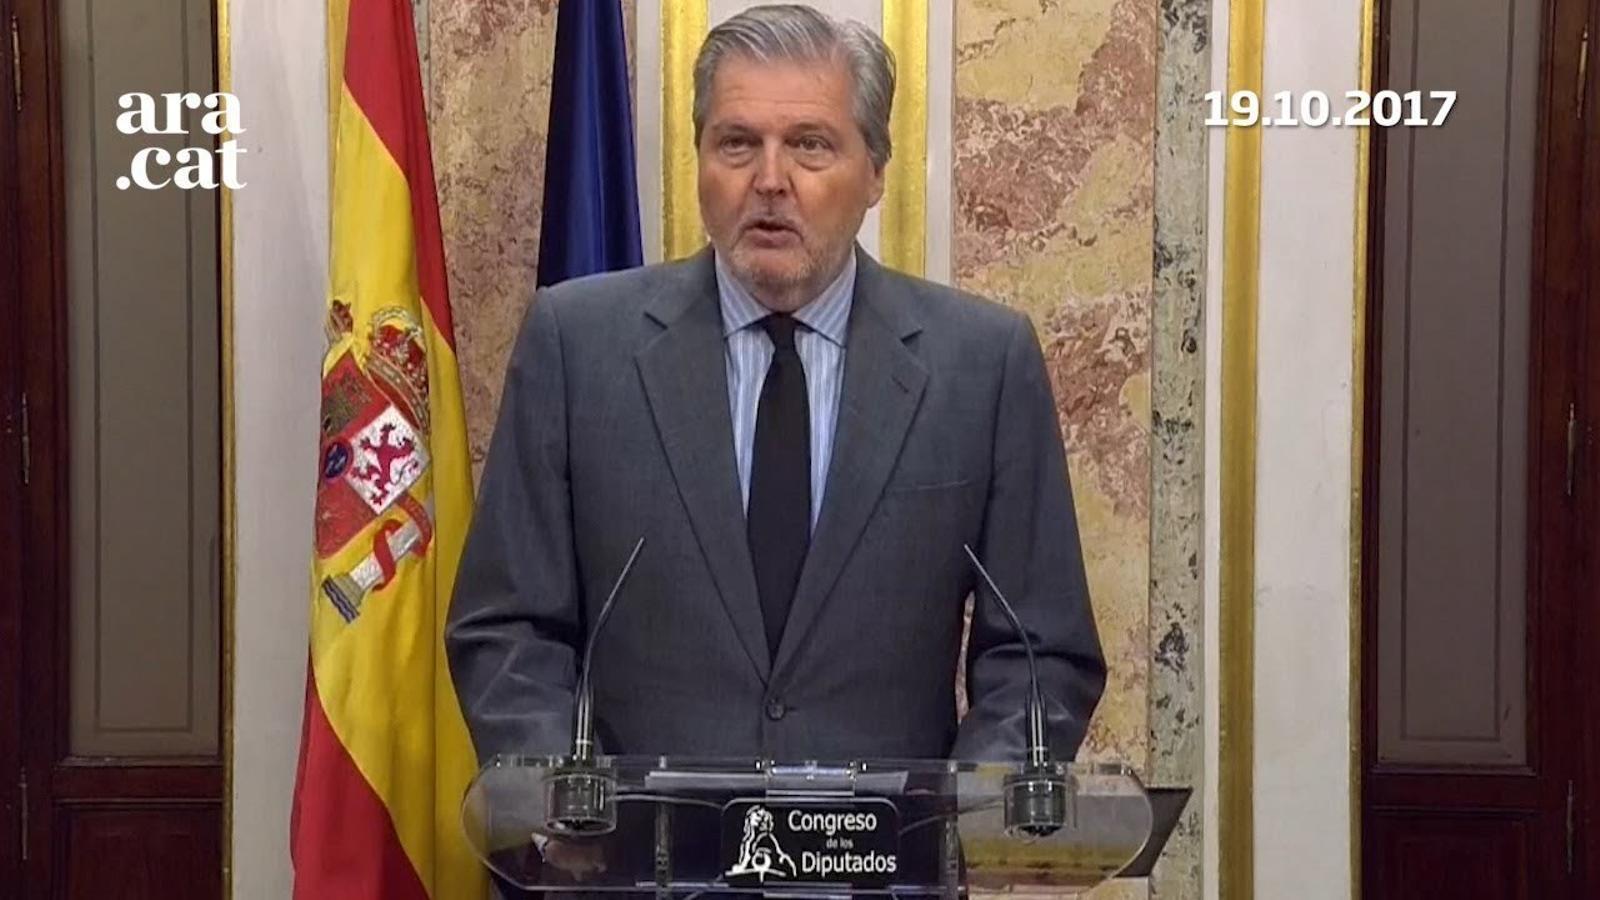 El govern espanyol inicia els tràmits per a l'activació del 155